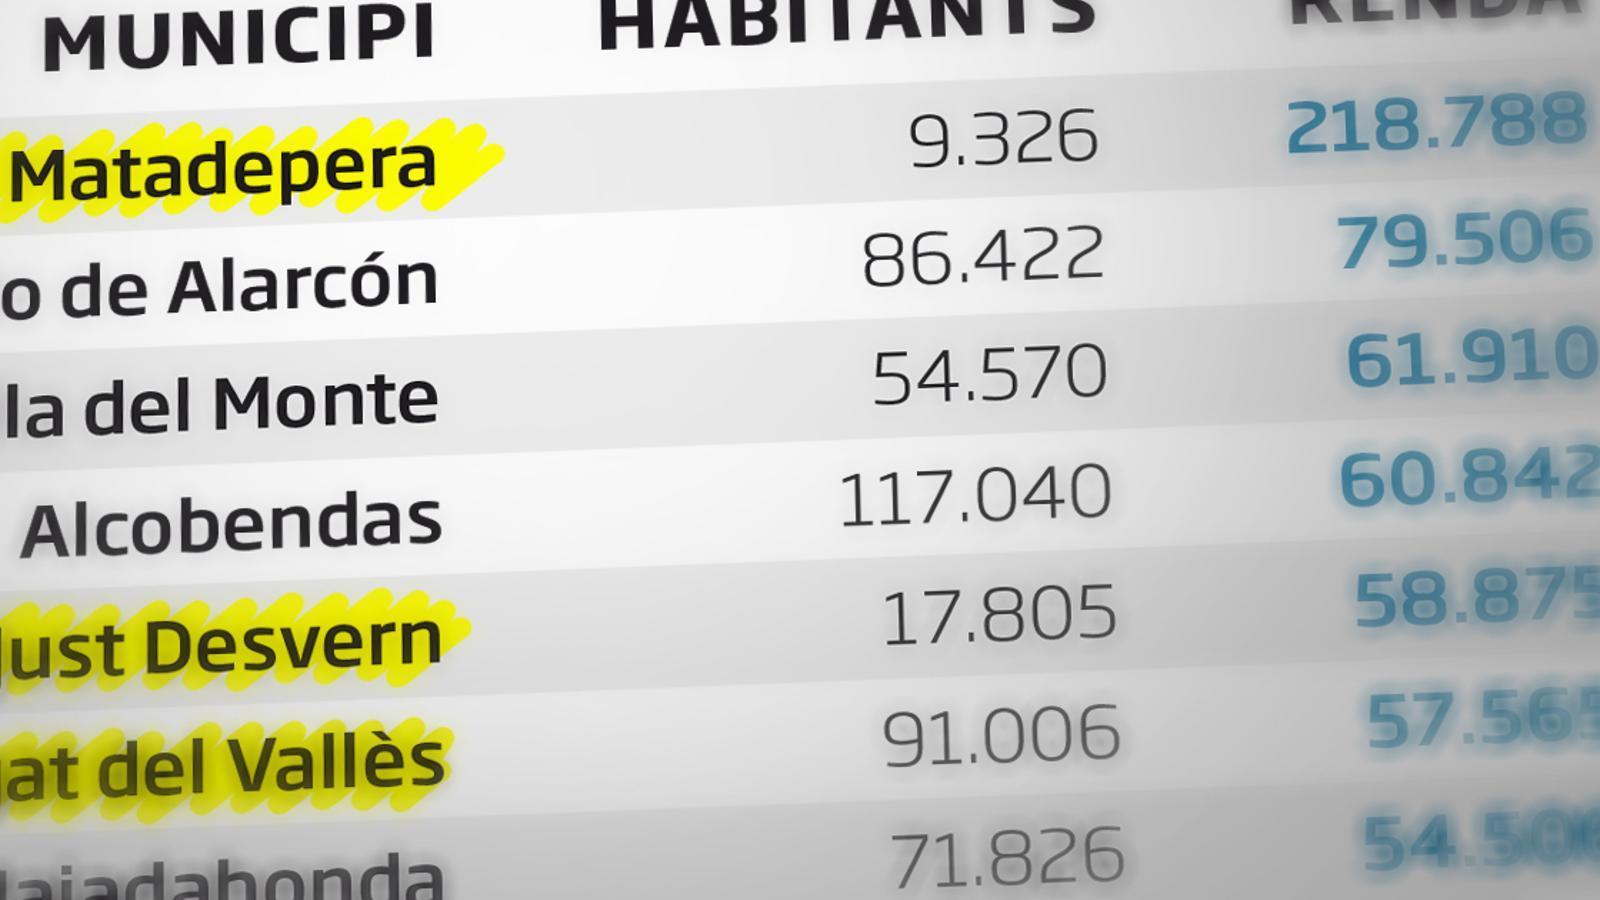 Matadepera quadruplica la renda per càpita fins als 218.000 euros i ja és el municipi més ric d'Espanya